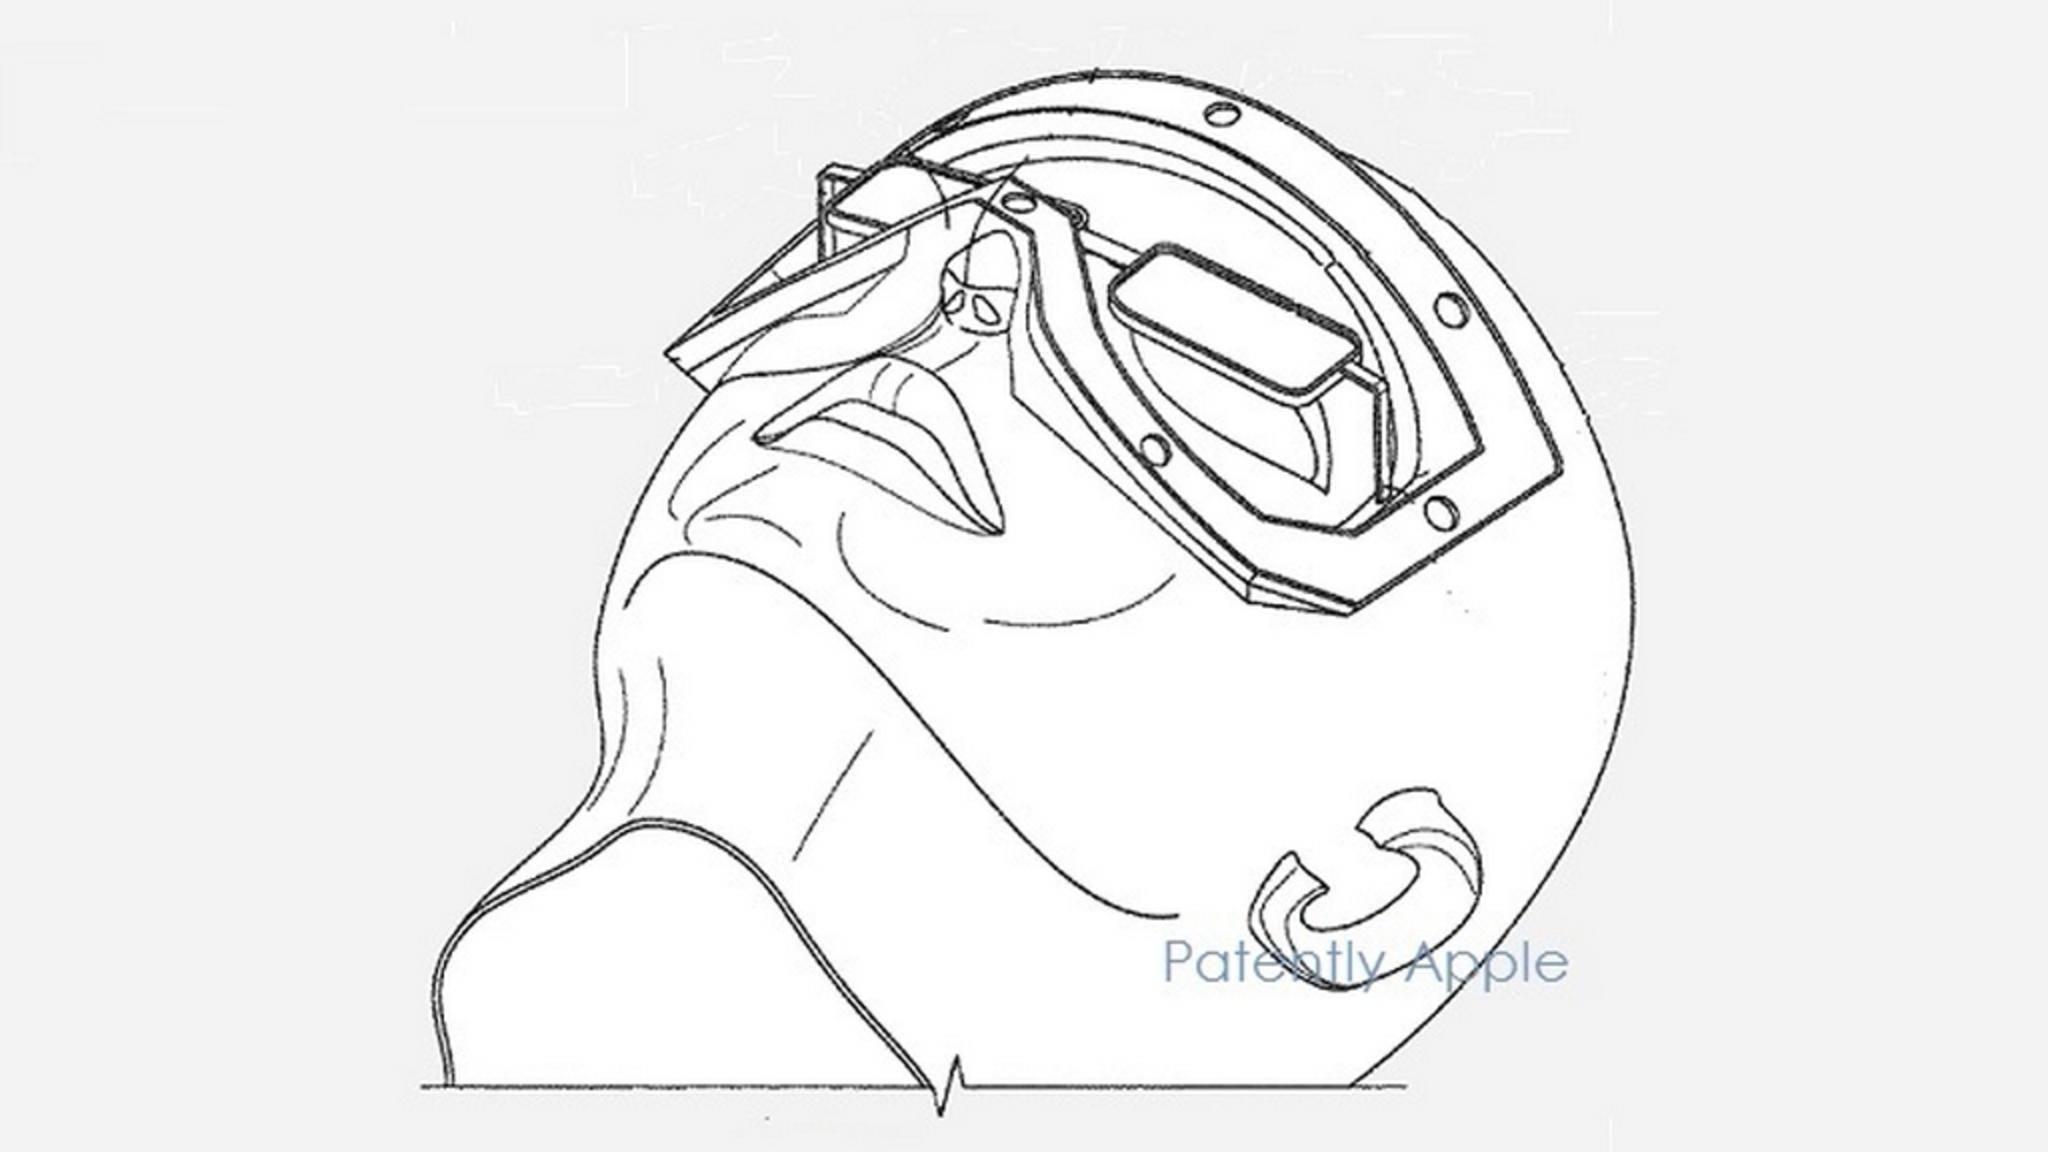 Das Patent zeigt, wie sich Apple eine VR-Brille vorstellt.